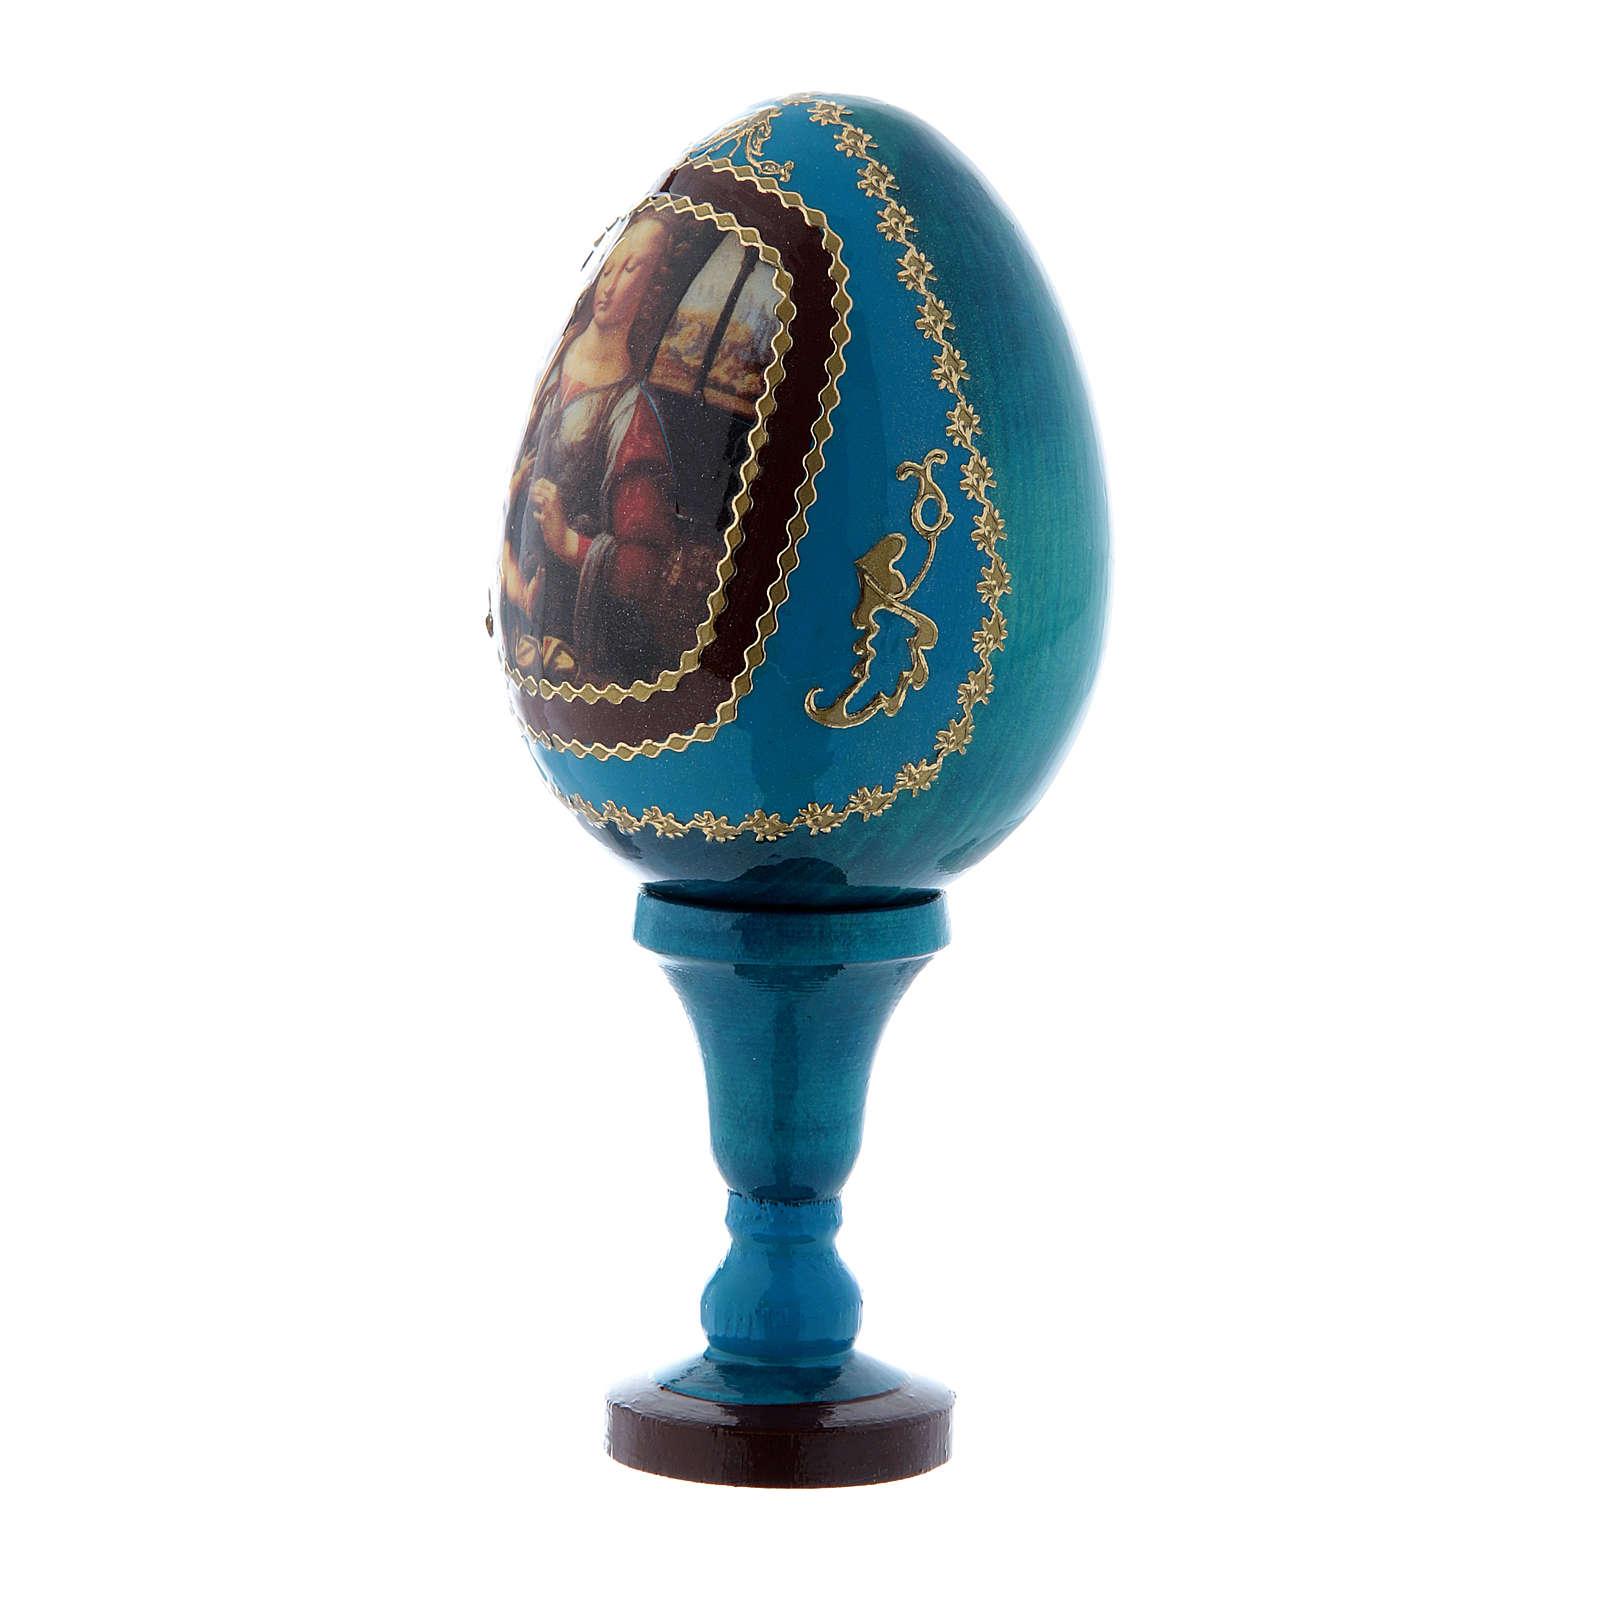 Oeuf russe bleu La Vierge à l'oeillet décoré Fabergé h tot 13 cm 4